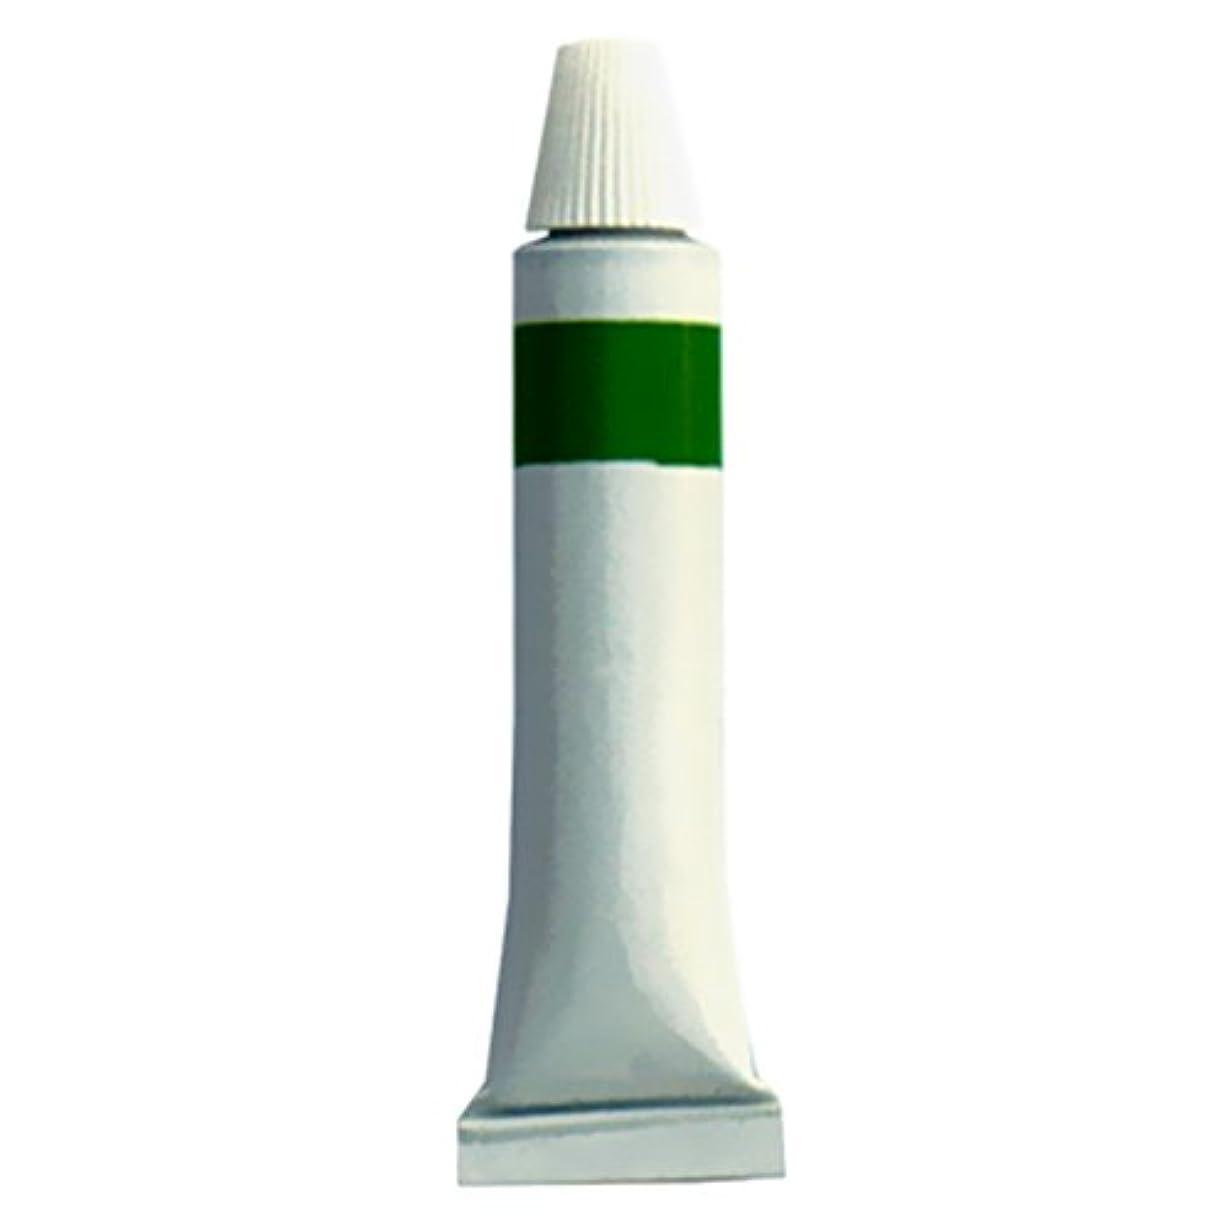 ただやる誘惑誰かRAZOLUTION Sharpening grease green, for strops, with high emery-content